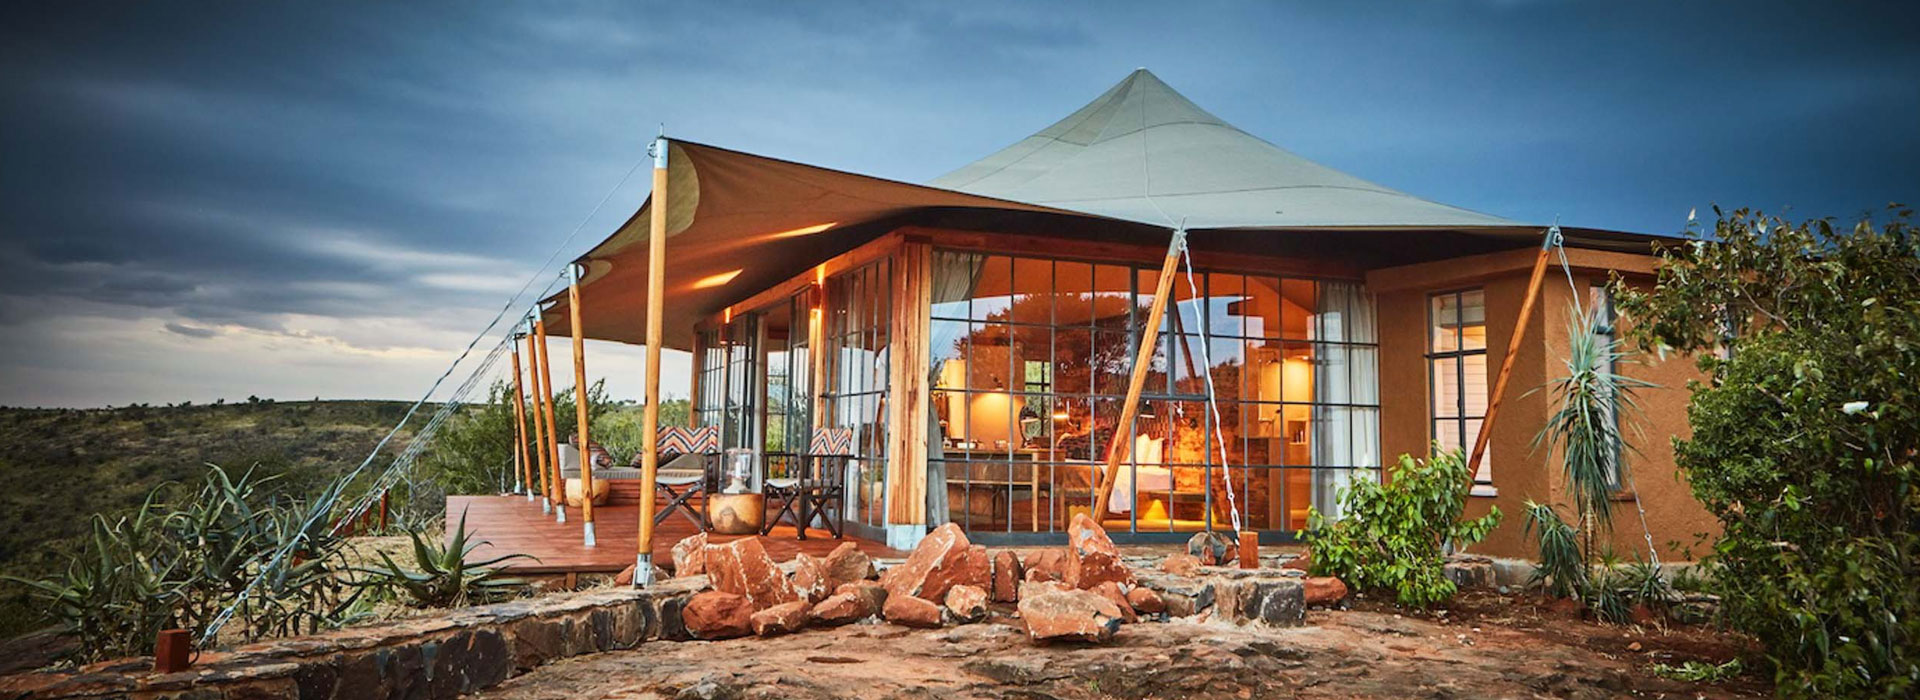 Kenya Accommodations